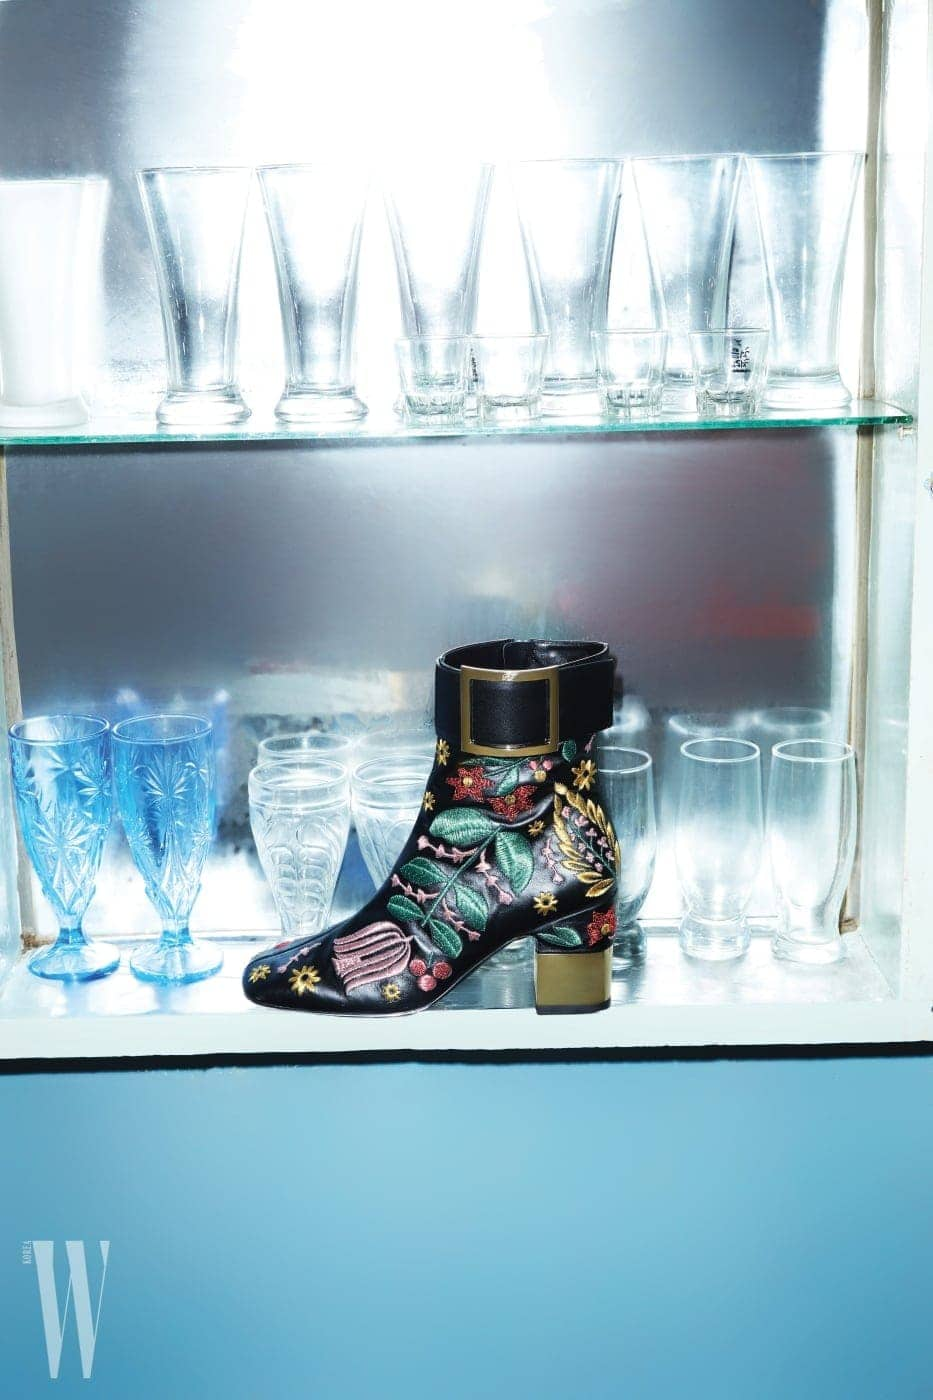 유리잔 찬장에 놓인 버클 장식 자수 부츠는 로저 비비에 제품. 가격 미정.